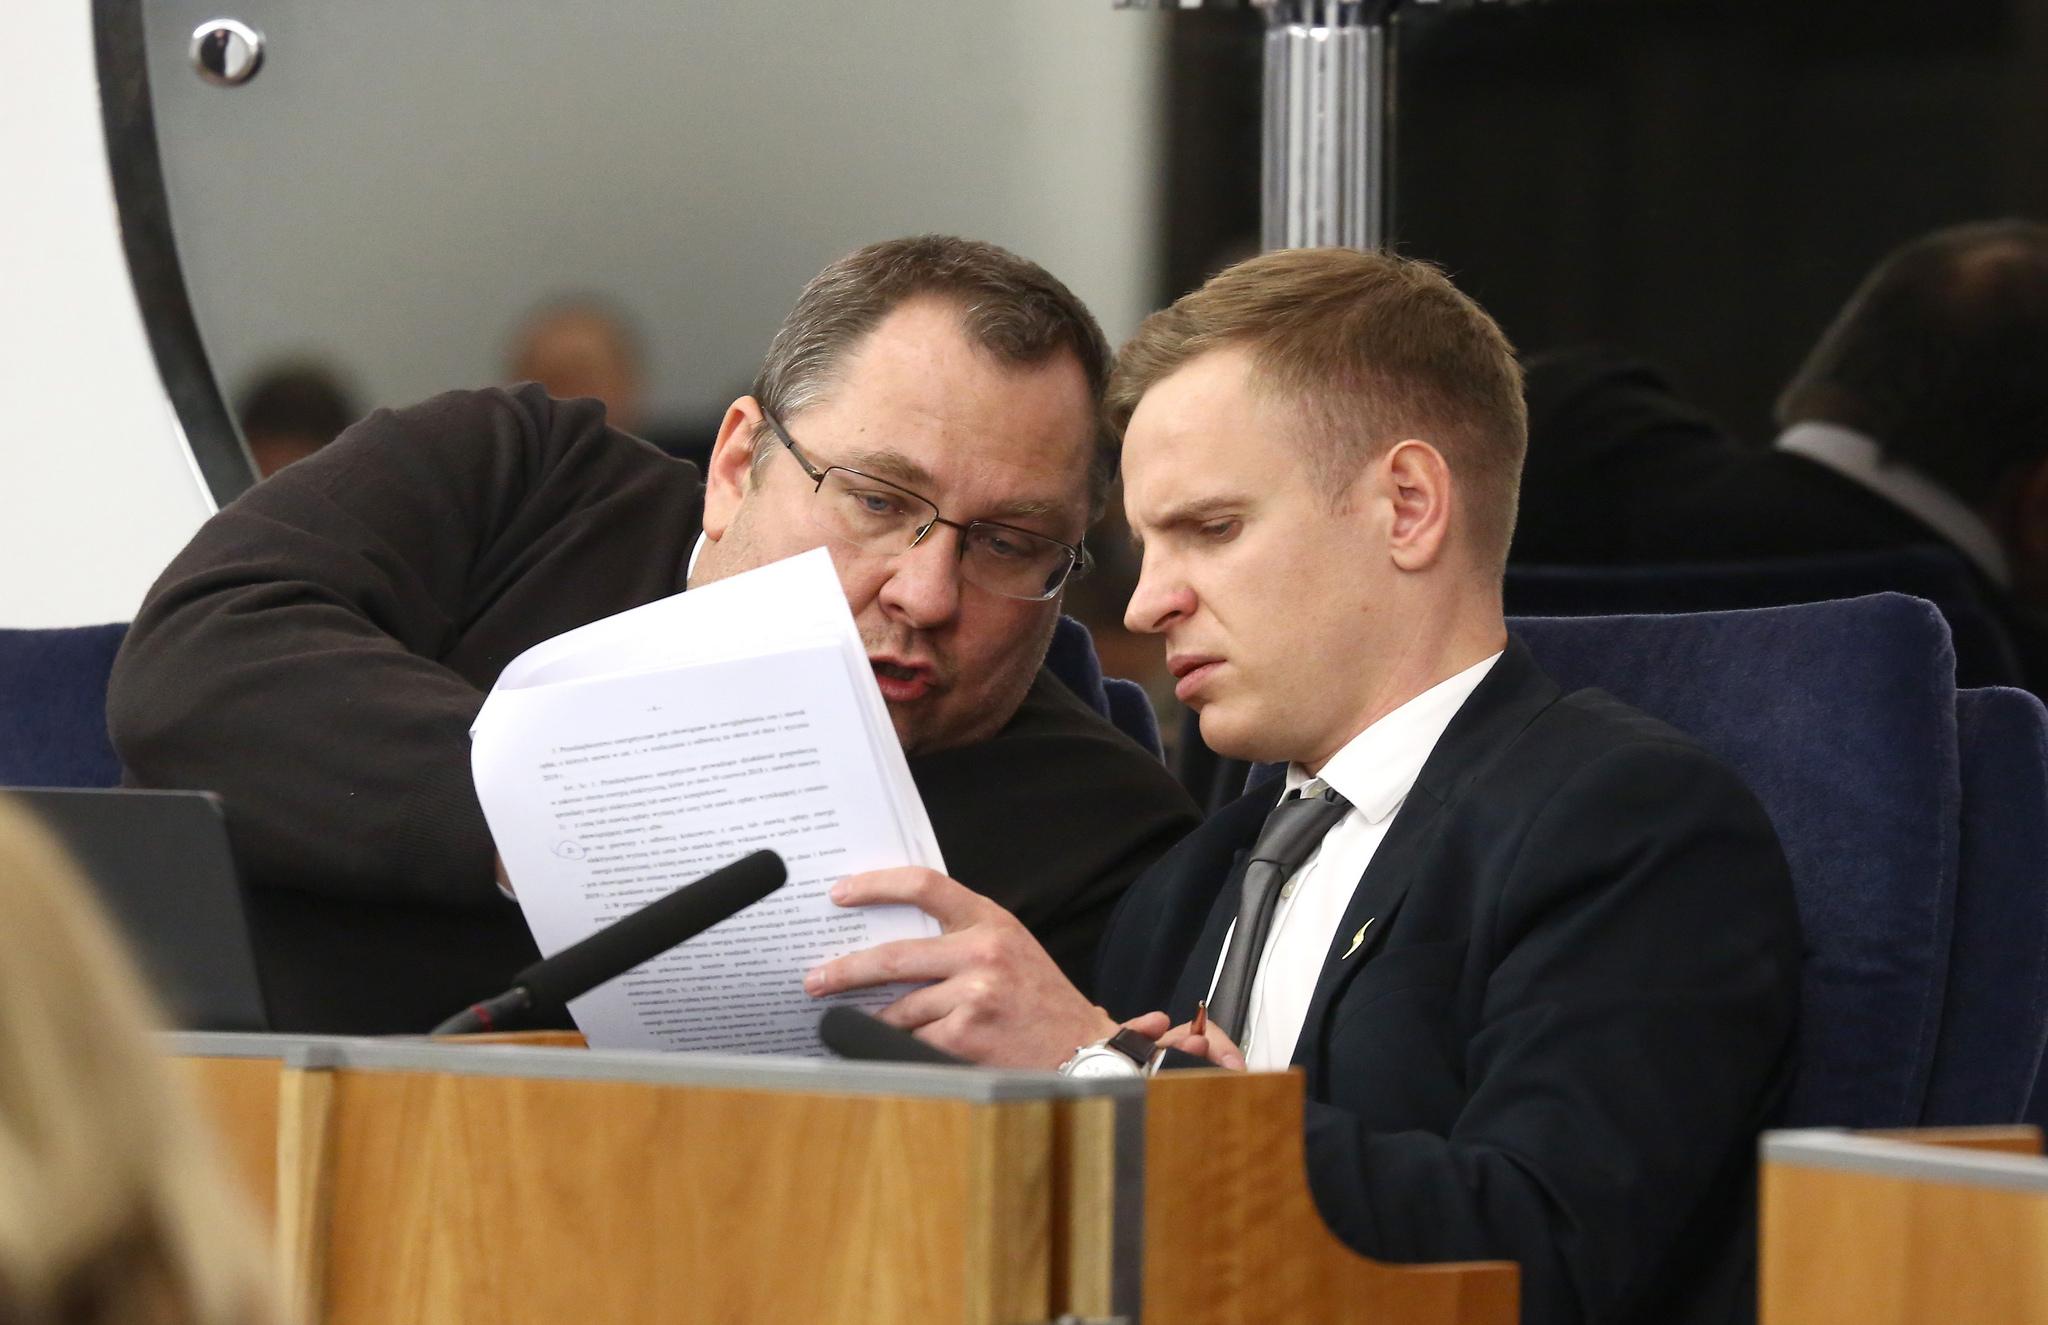 Politycy na 70. posiedzenie Senatu (fot. Katarzyna Czerwińska/Kancelaria Senatu)